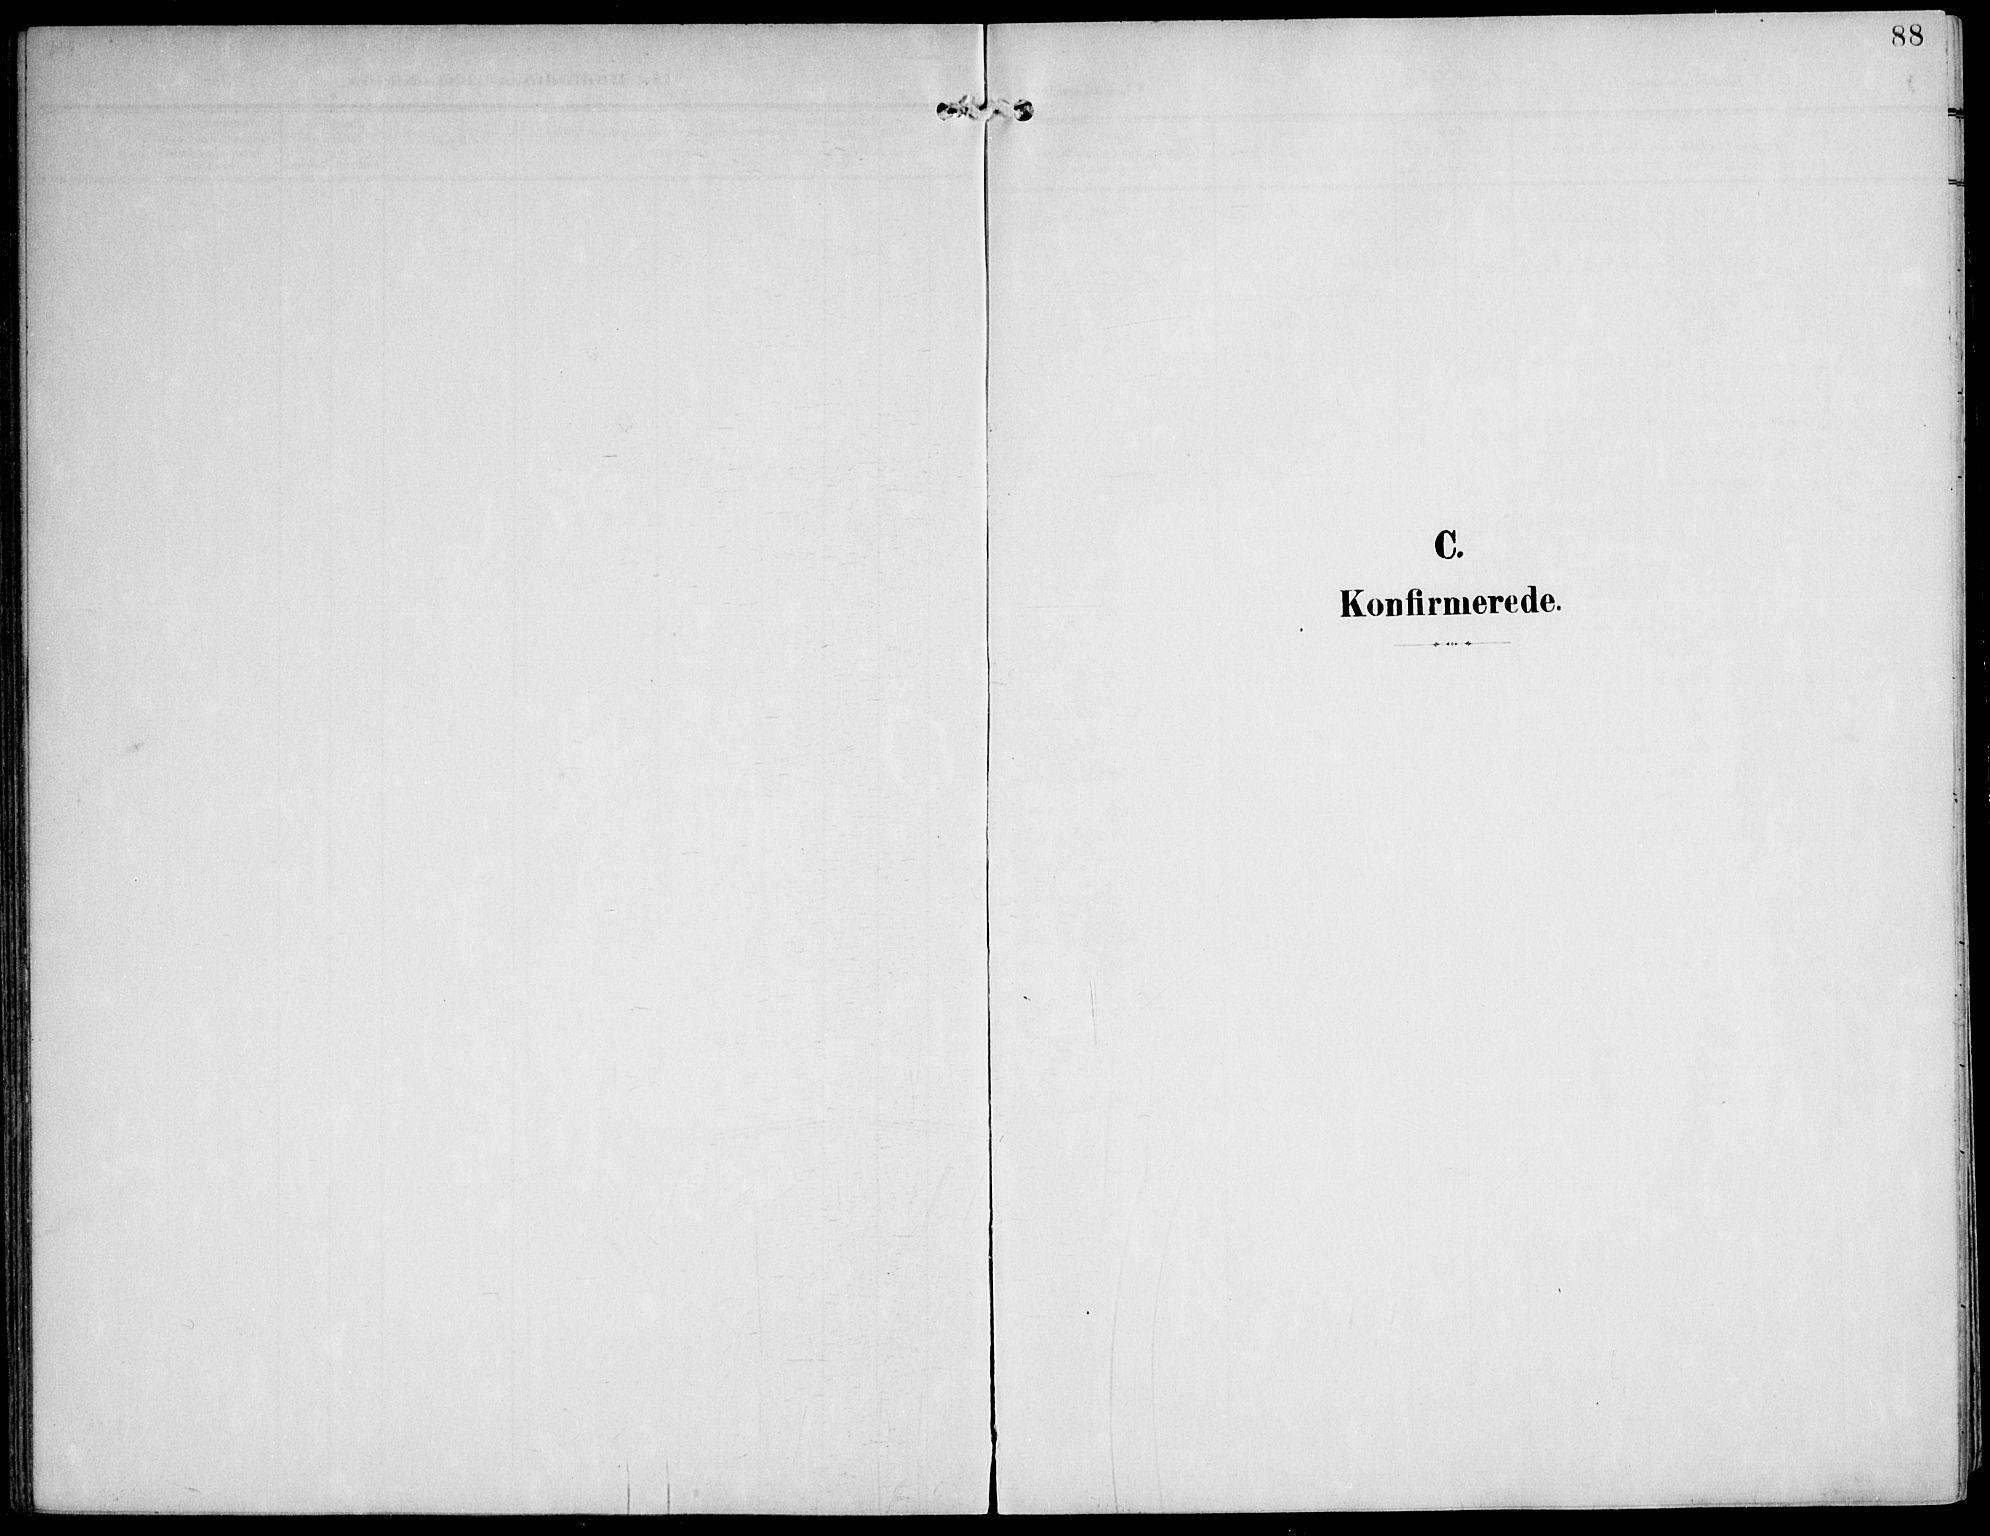 SAT, Ministerialprotokoller, klokkerbøker og fødselsregistre - Nord-Trøndelag, 788/L0698: Ministerialbok nr. 788A05, 1902-1921, s. 88